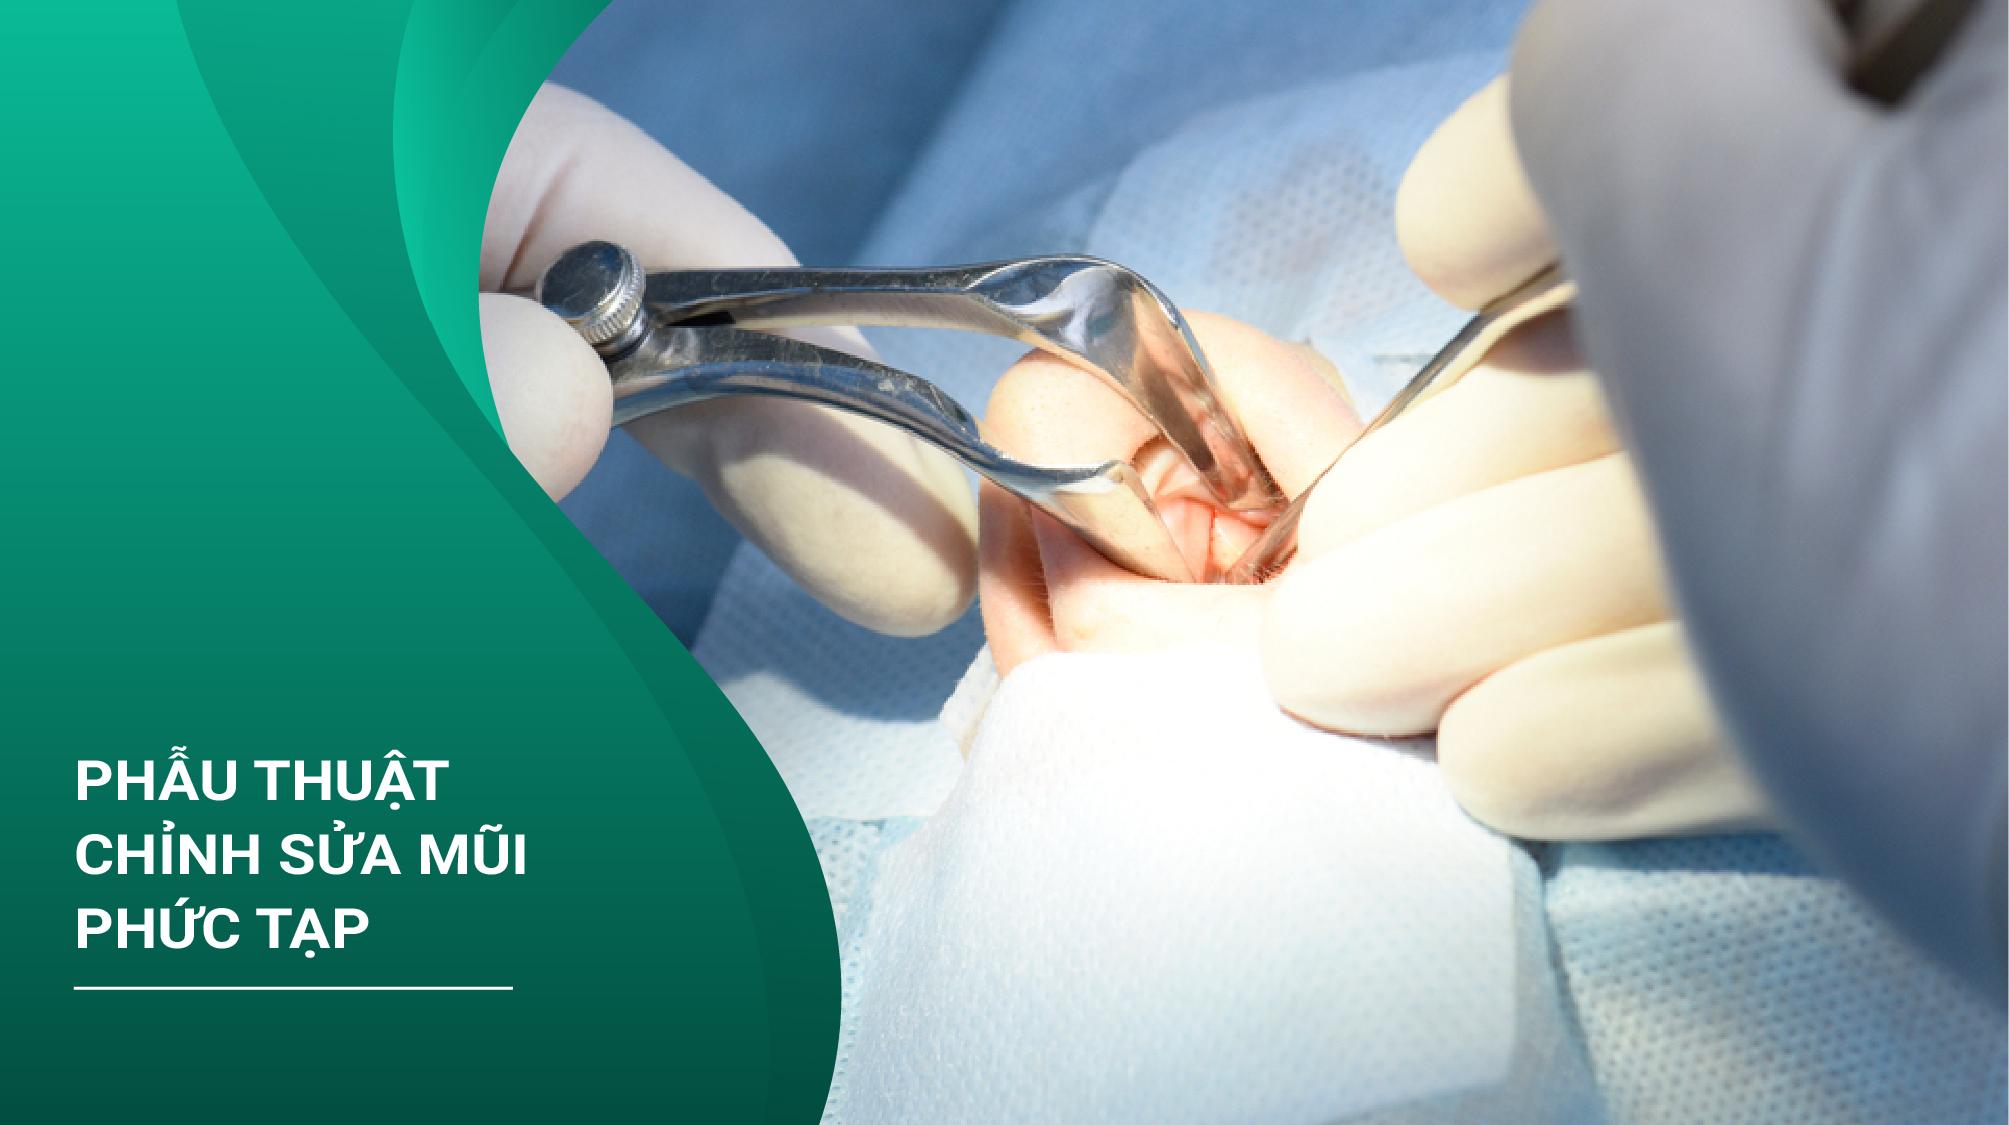 Phẫu Thuật Chỉnh Sửa Mũi Phức Tạp